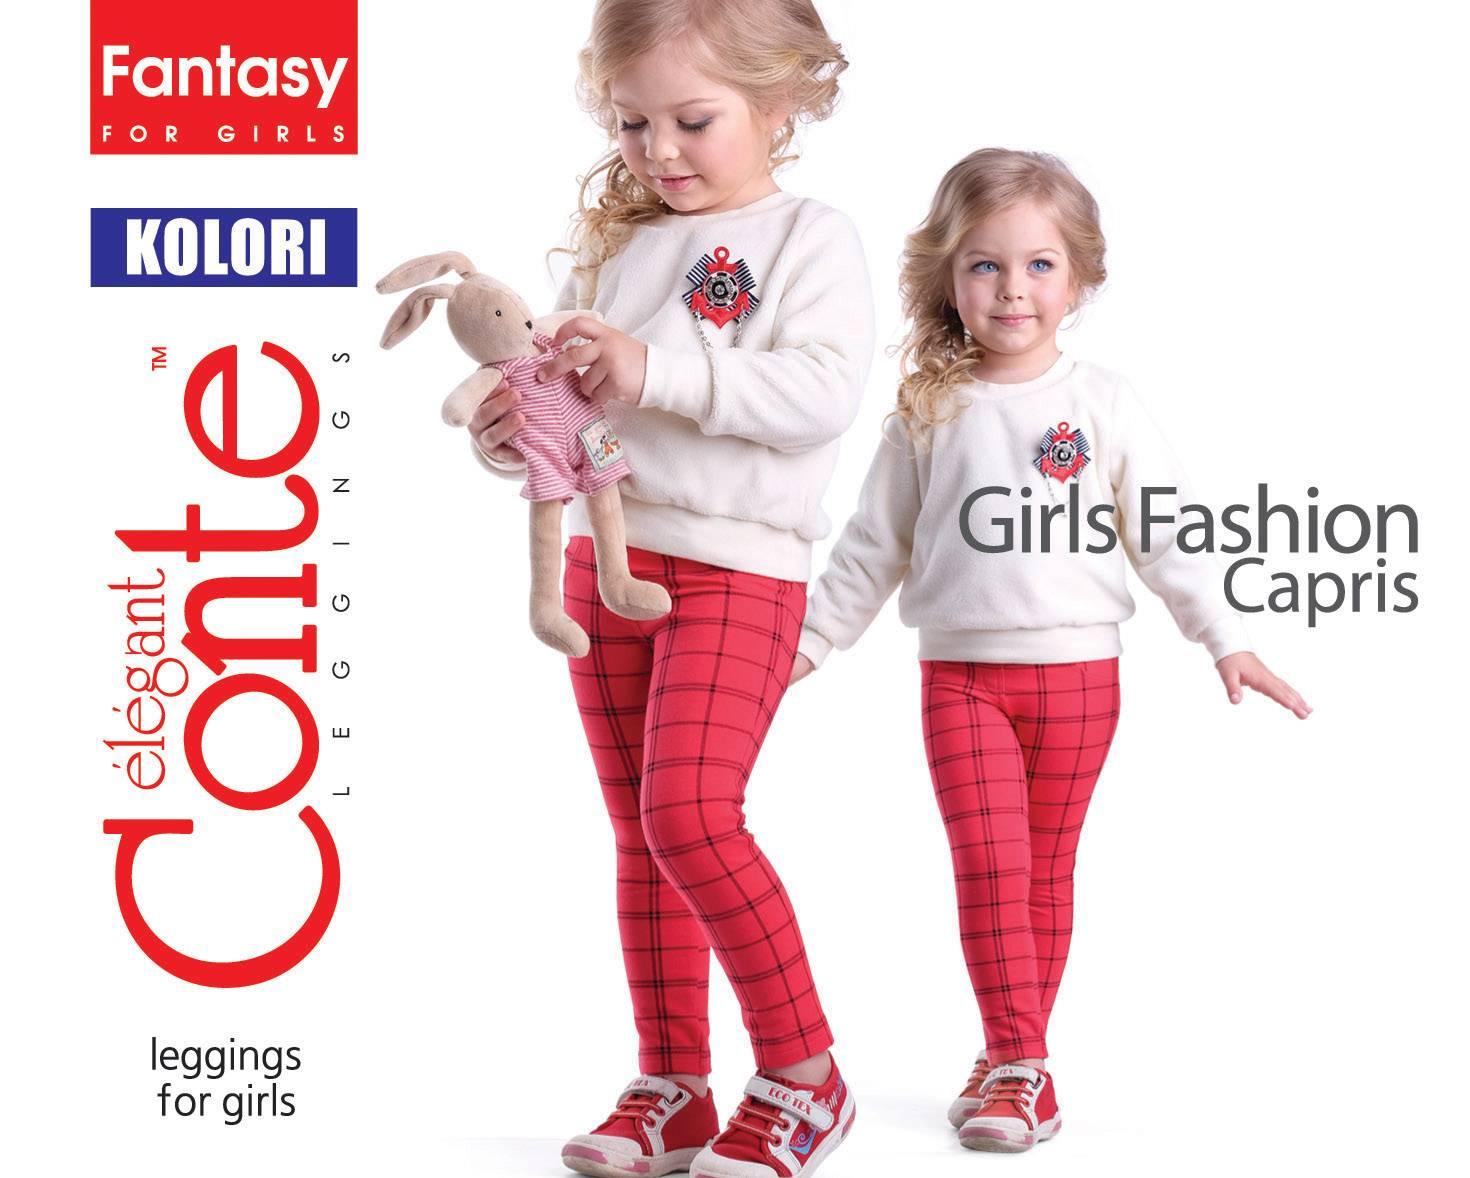 Леггинсы для девочек ⭐️ Леггинсы для девочек KOLORI красный ⭐️